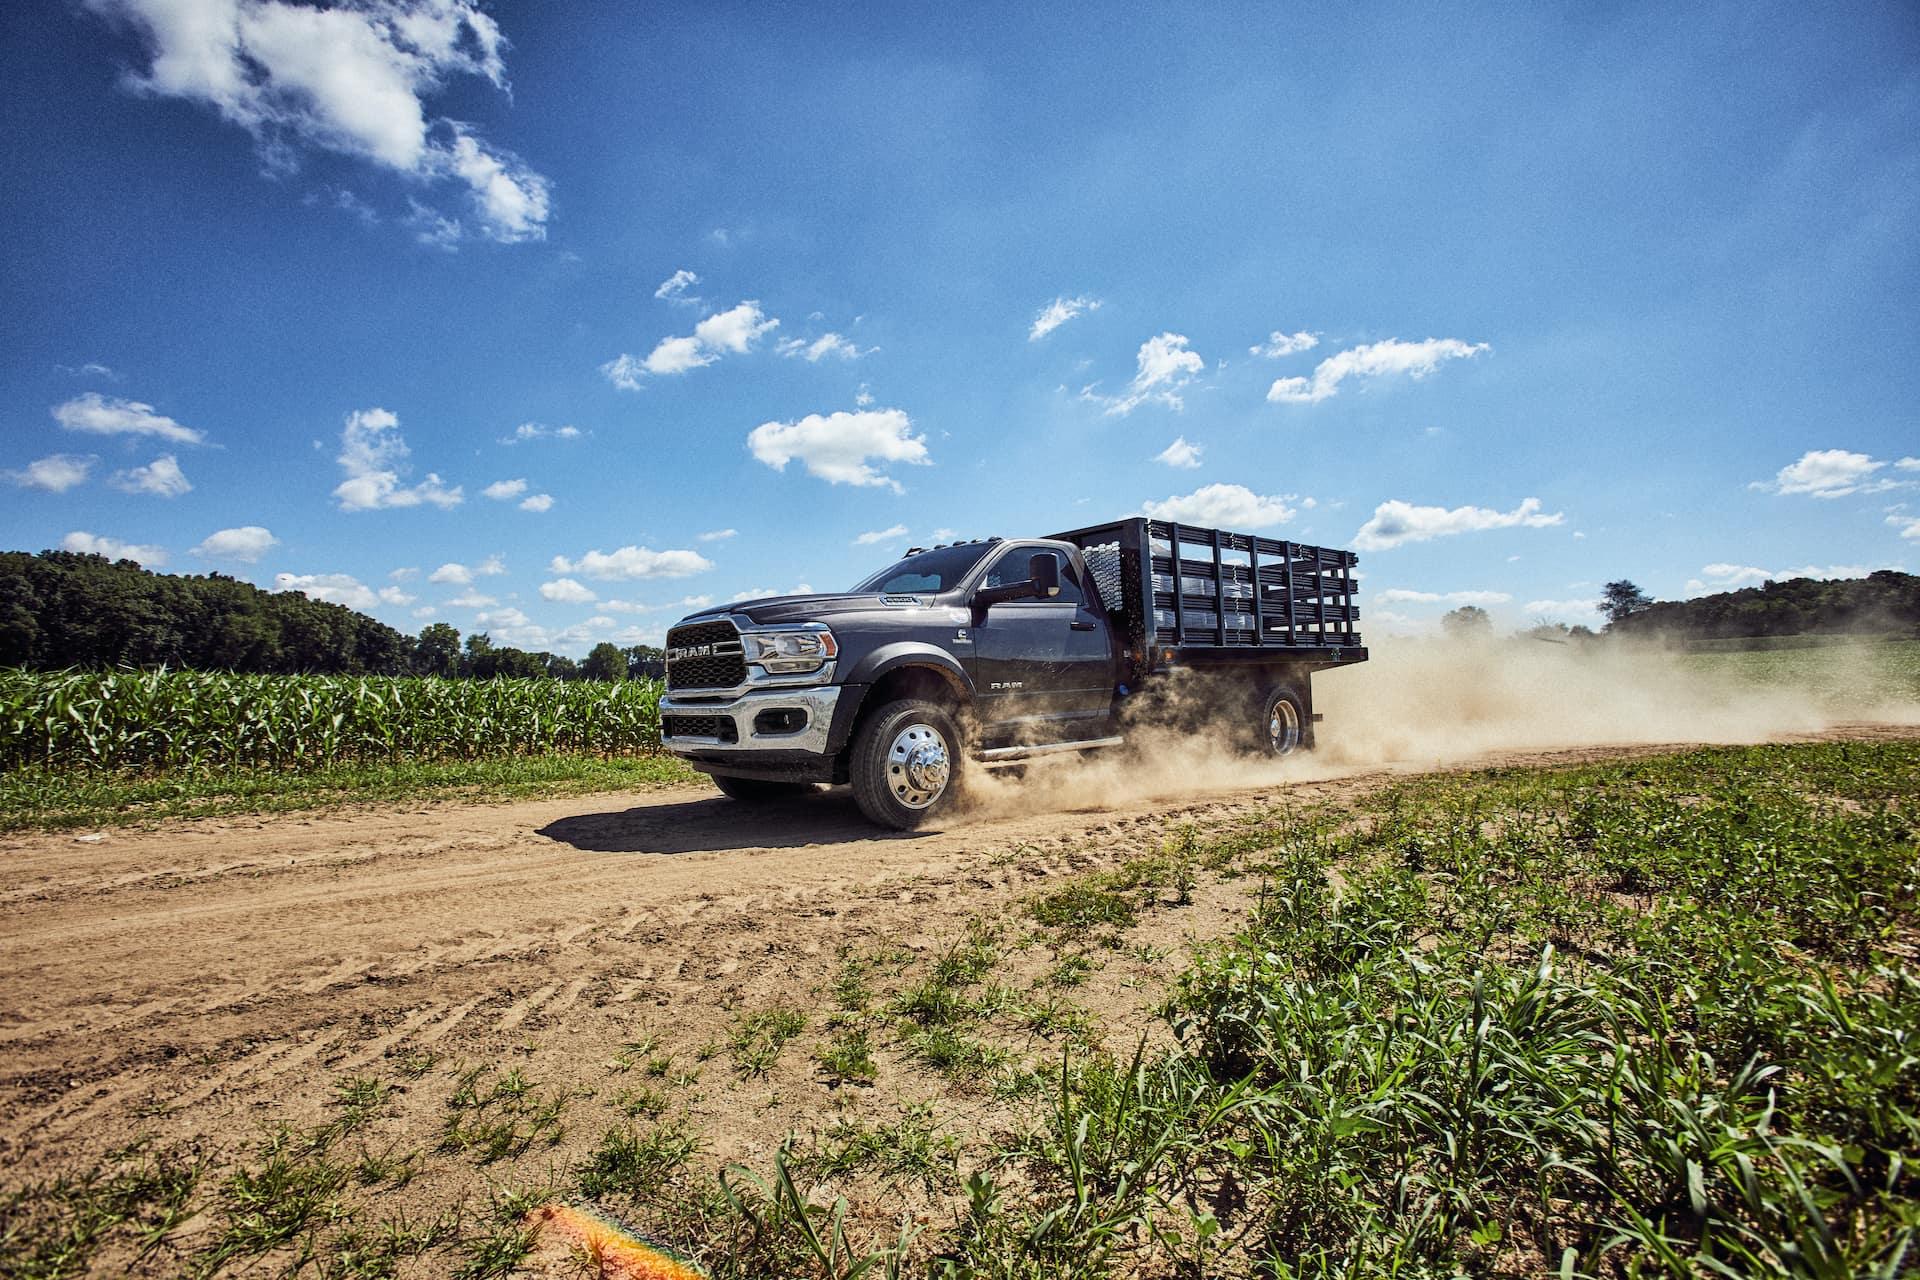 ram truck in field